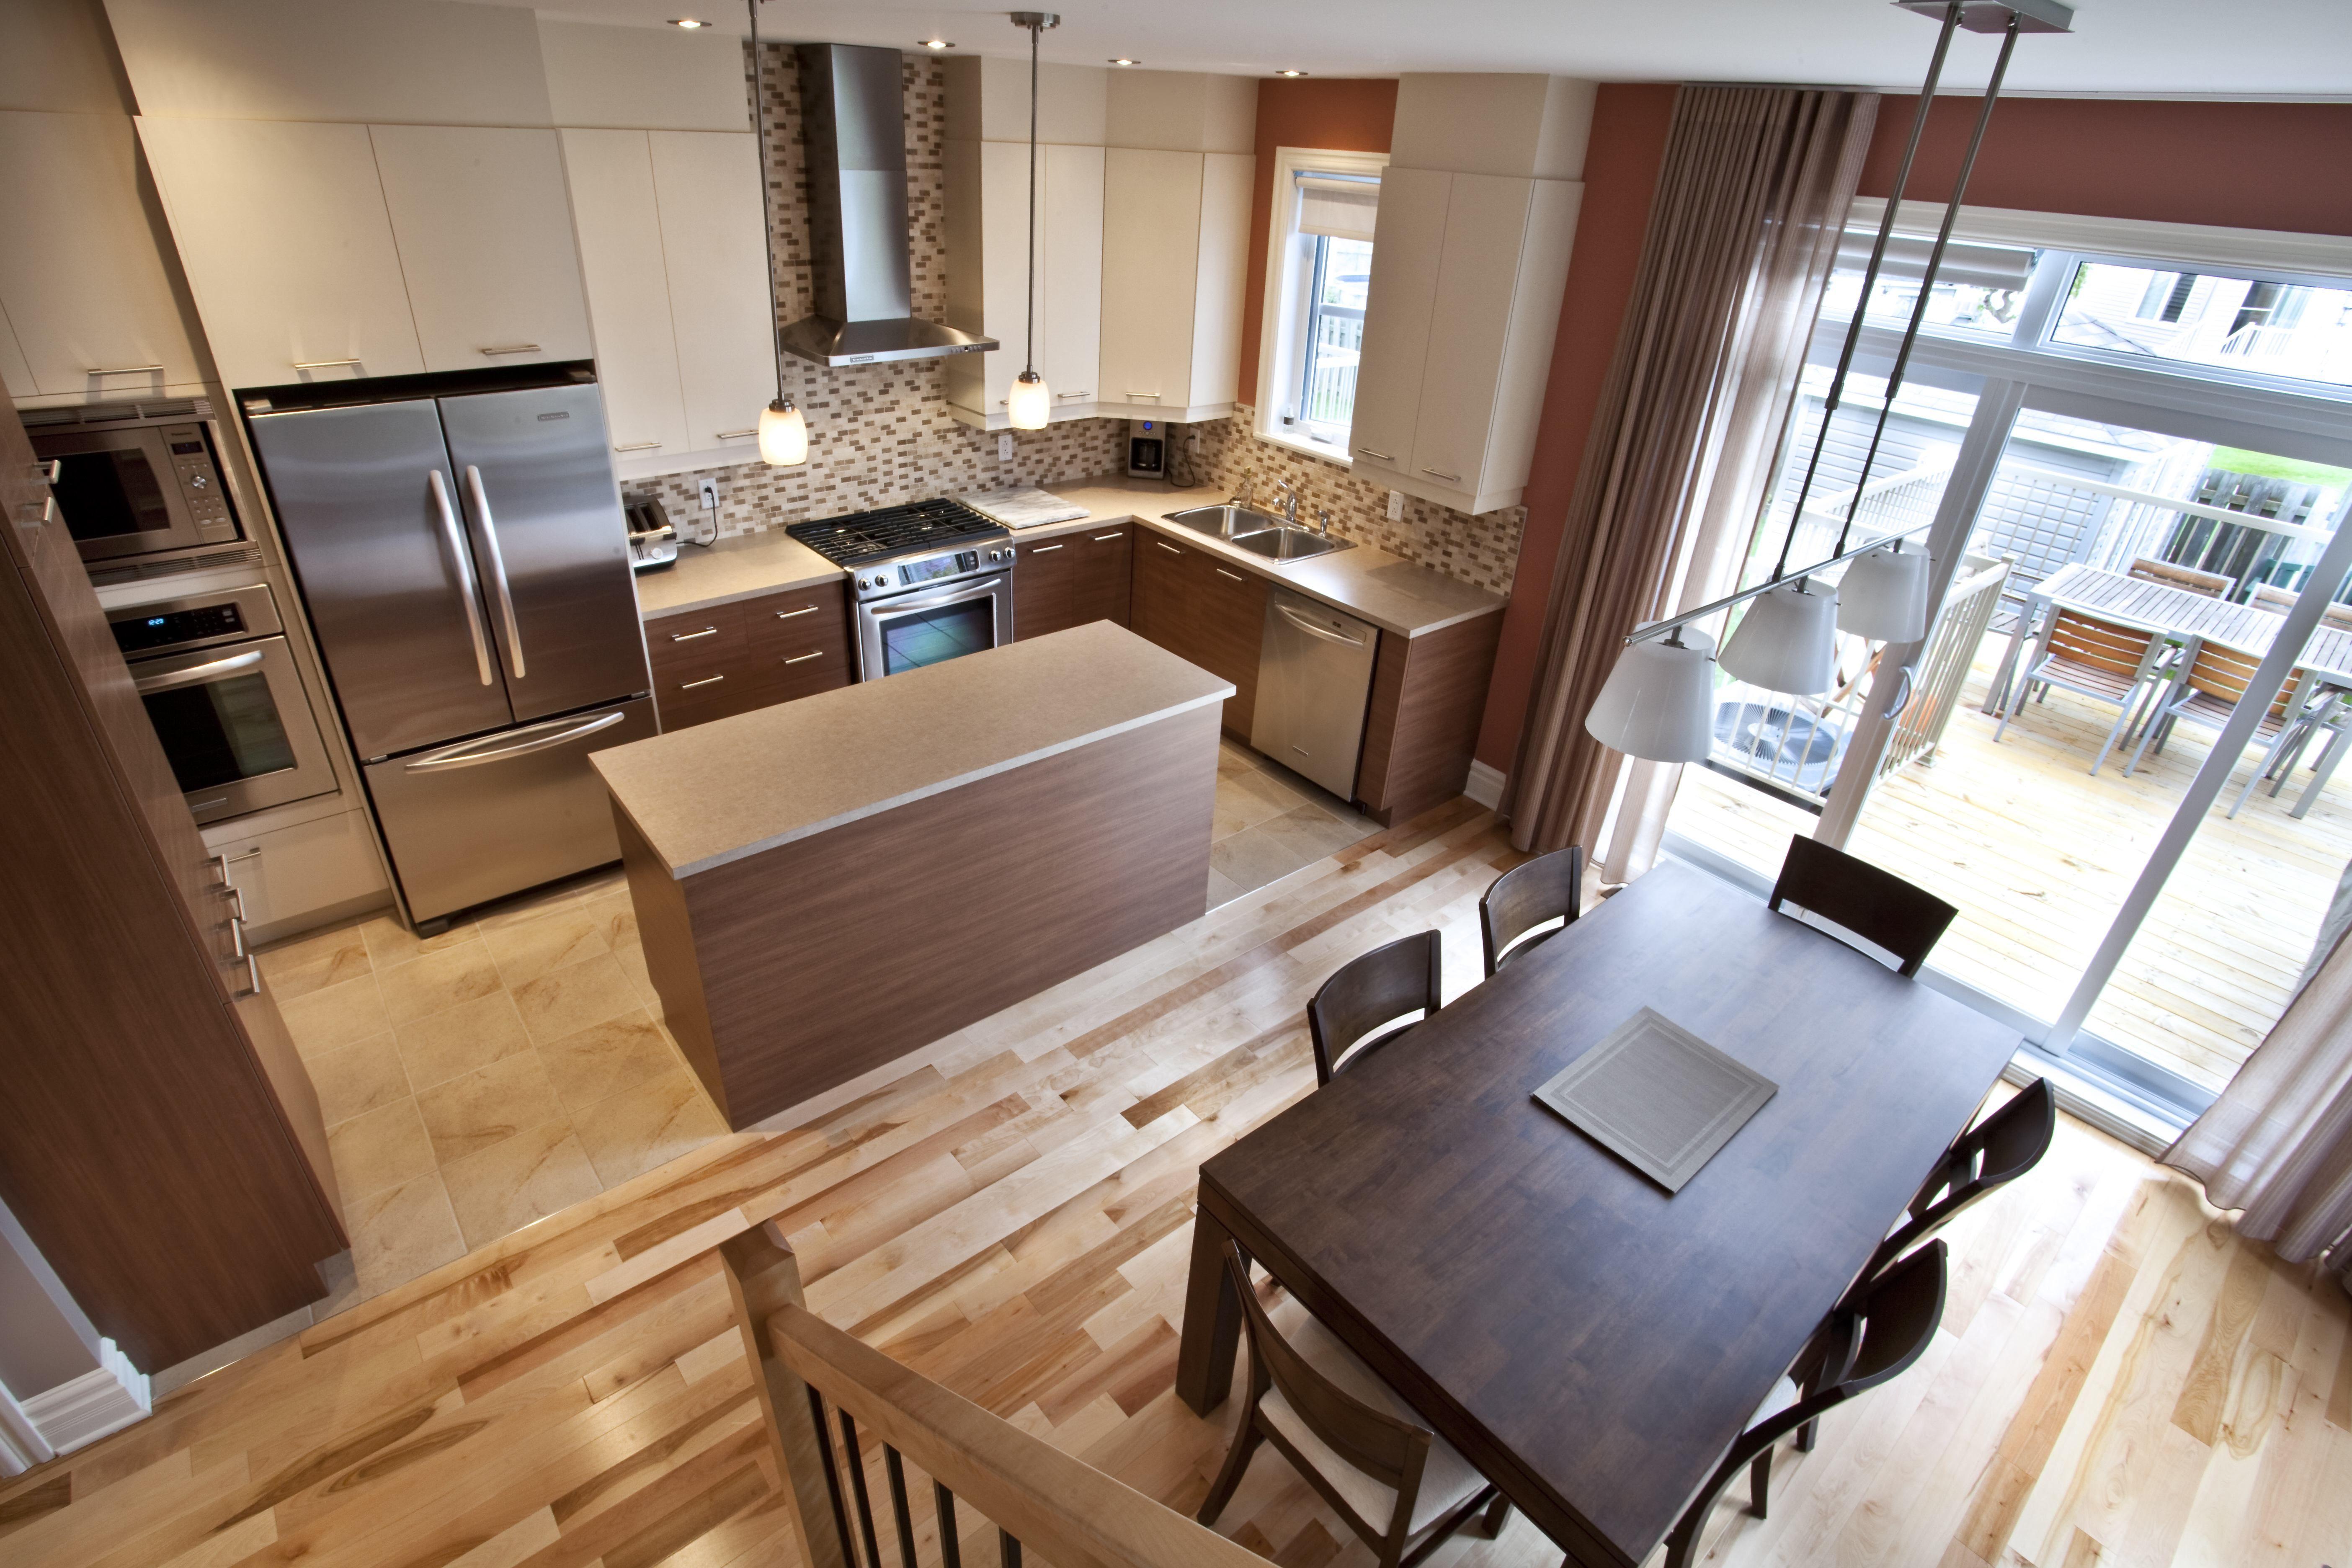 cuisine maison jumel e habitations laurendeau cuisines et salles de bain pinterest. Black Bedroom Furniture Sets. Home Design Ideas